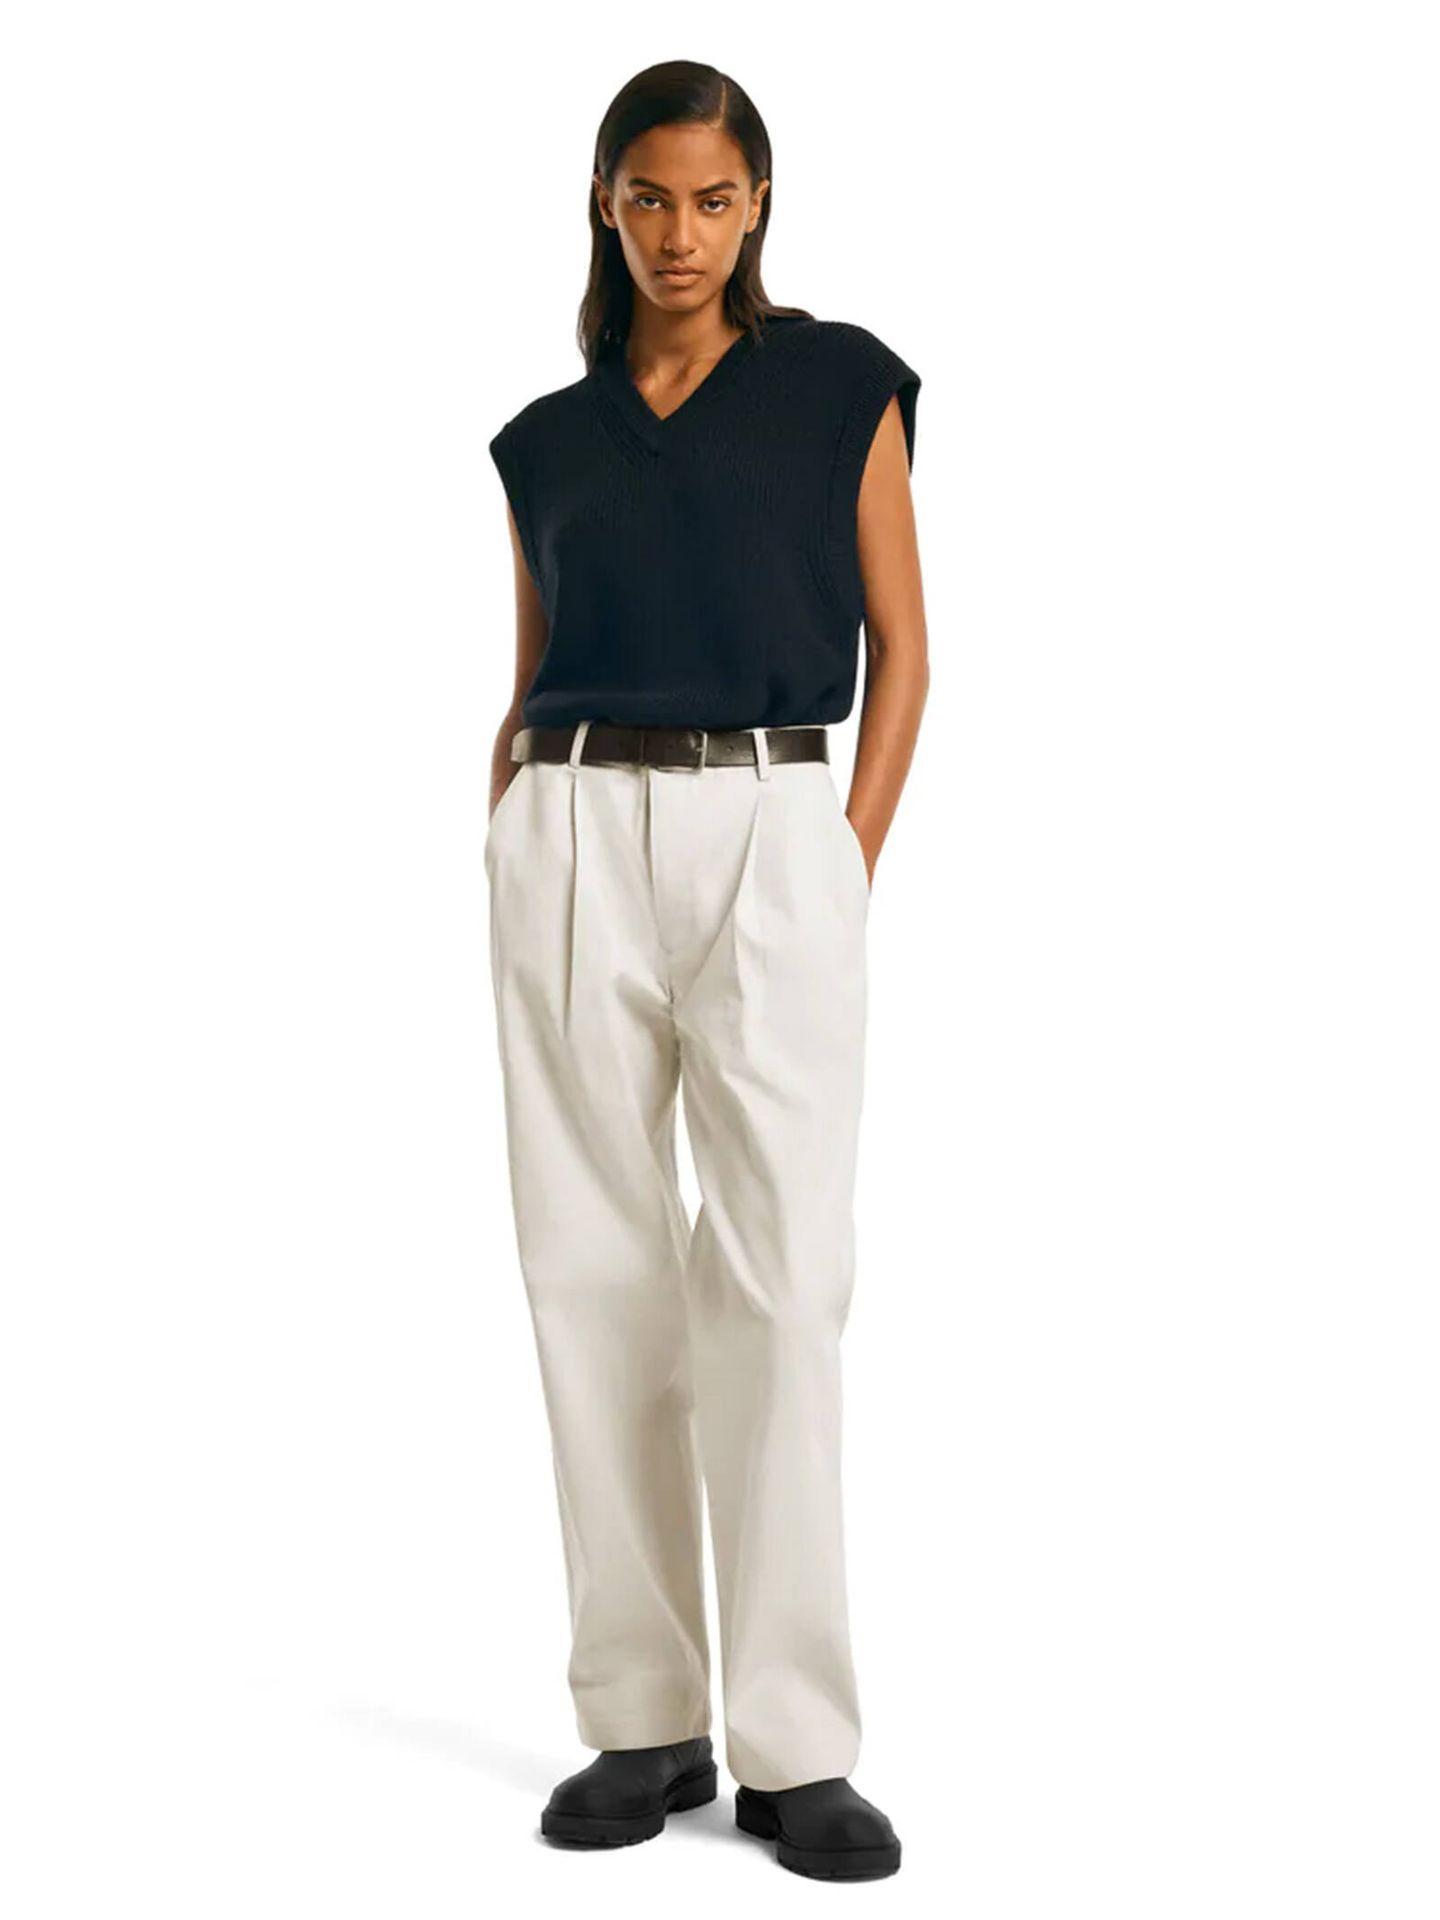 Conjunto de prendas básicas e imprescindibles de 'Zara Origins'. (Cortesía)